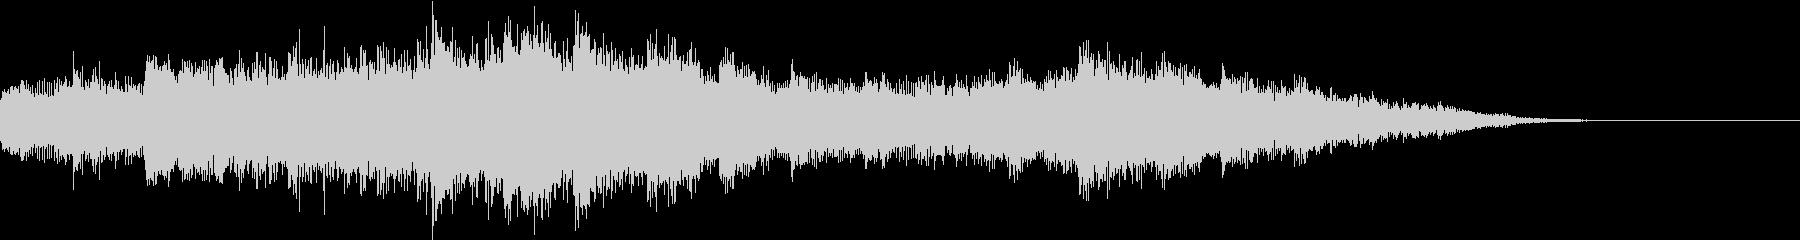 暗く幻想的なピアノソロのジングルの未再生の波形